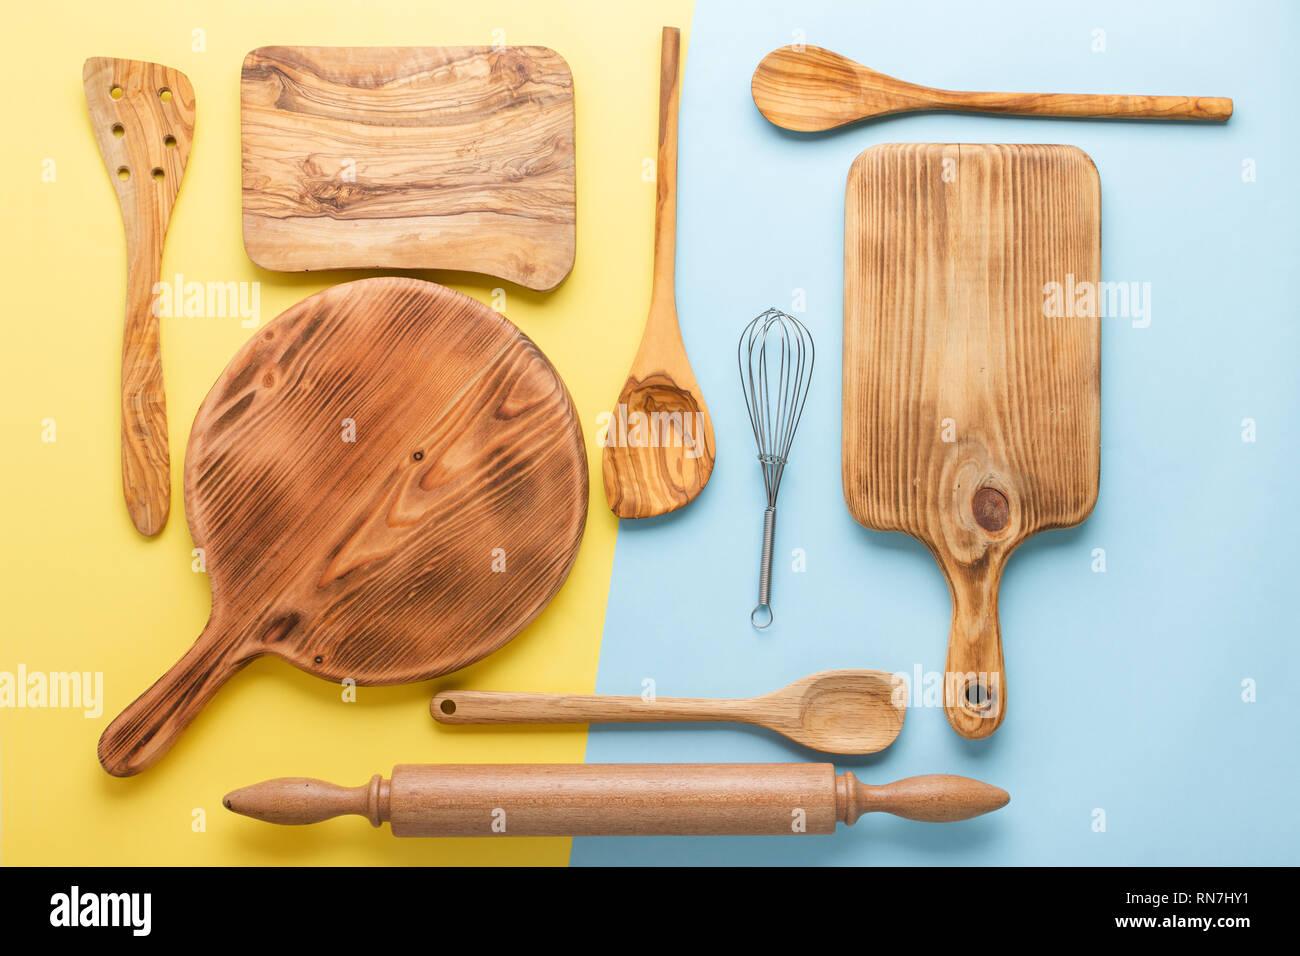 Küchengeräte, Lebensmittelzubereitung kochen accessorises, Schneidebretter, Holzlöffel, Schneebesen auf Blau und Gelb Tabelle, Ansicht von oben, selektiver Fokus Stockfoto